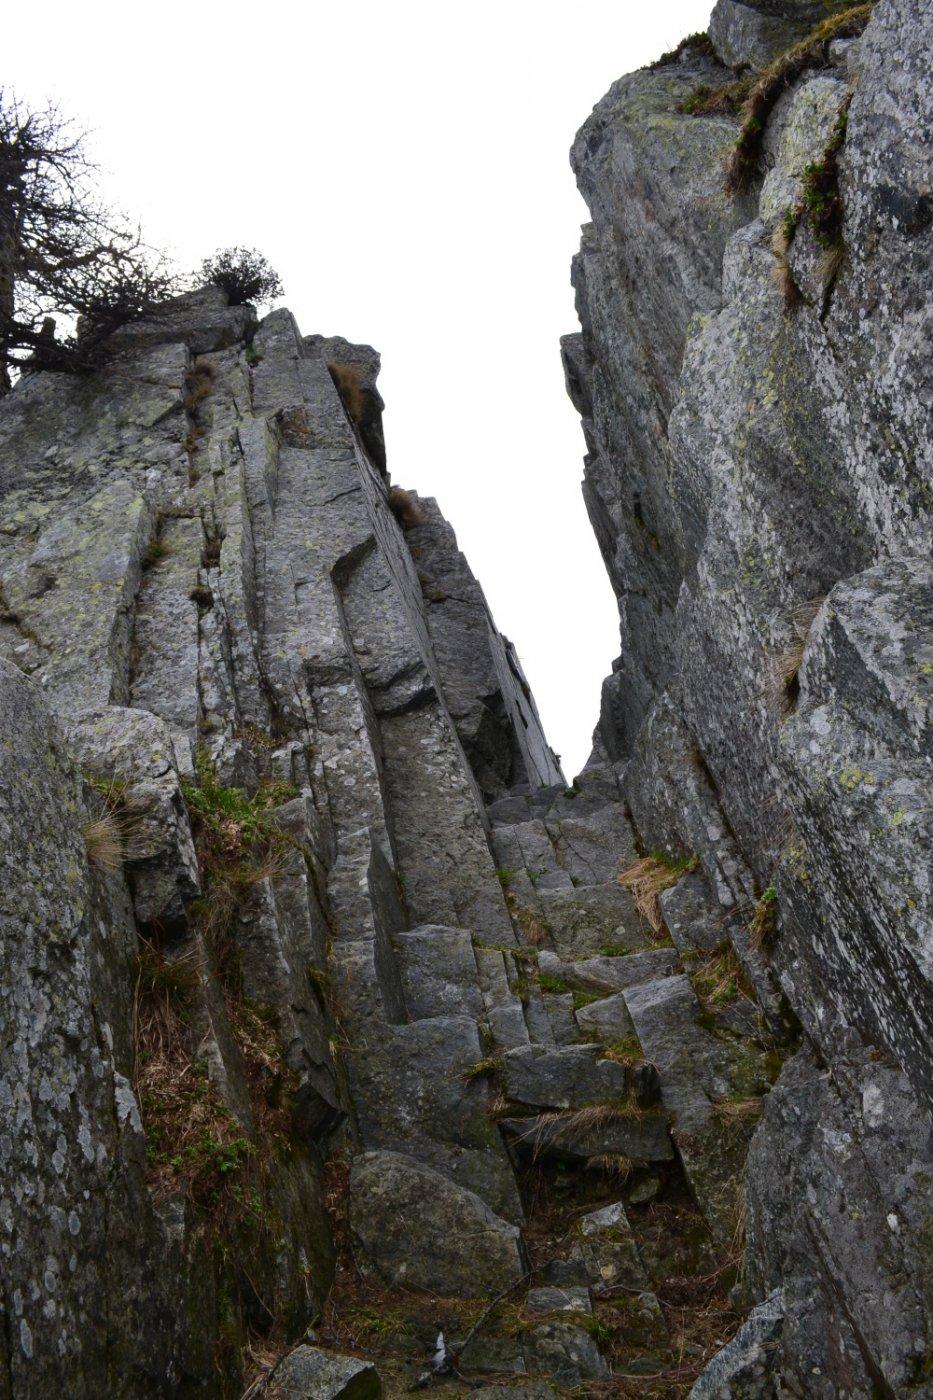 l'intaglio che conduce al di là della bastionata rocciosa